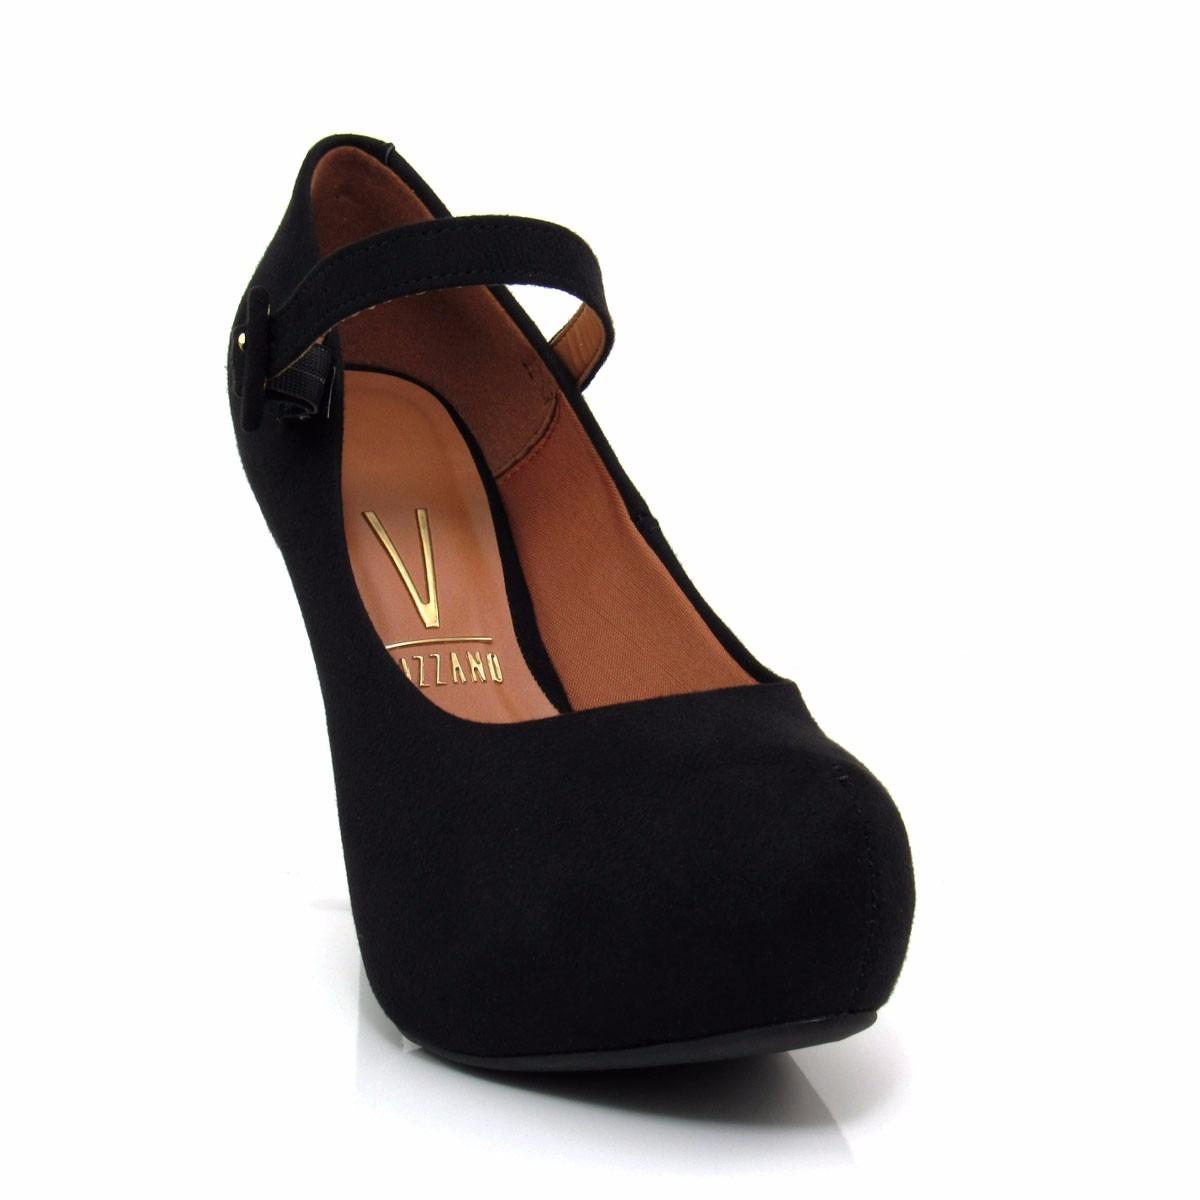 23de0ced7d sapato feminino scarpin vizzano 1143304 meia pata boneca. Carregando  zoom... sapato feminino scarpin. Carregando zoom.